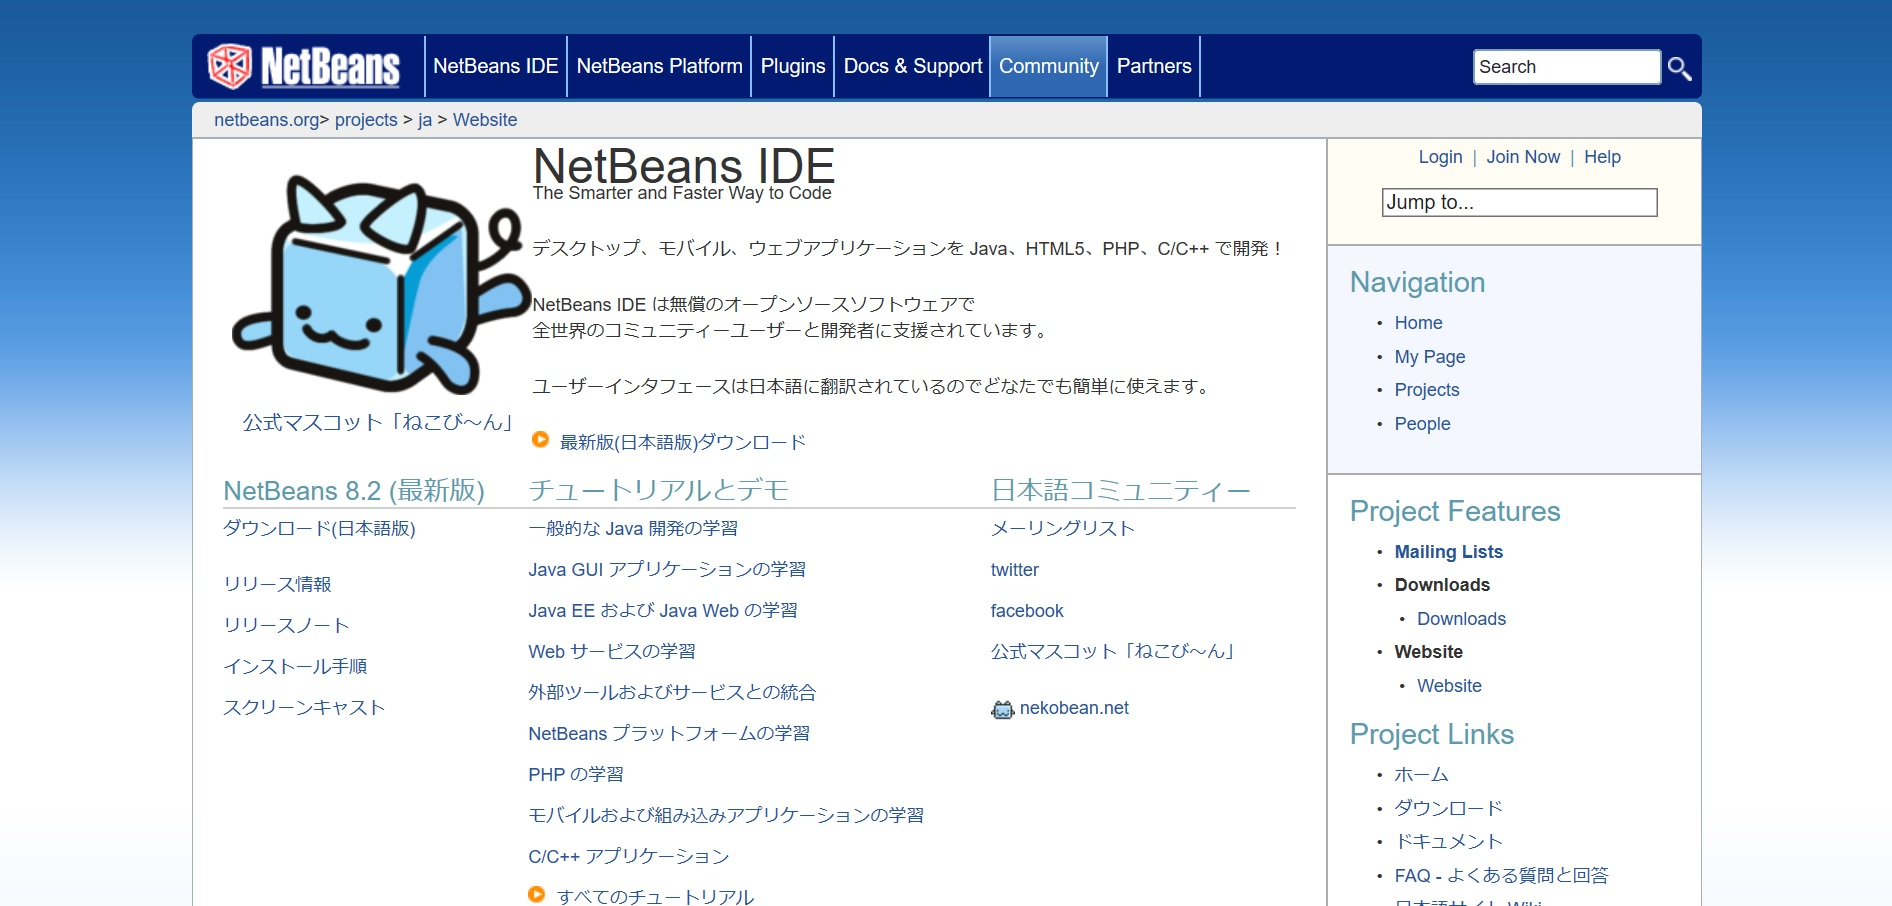 NetBeans公式ページ画像